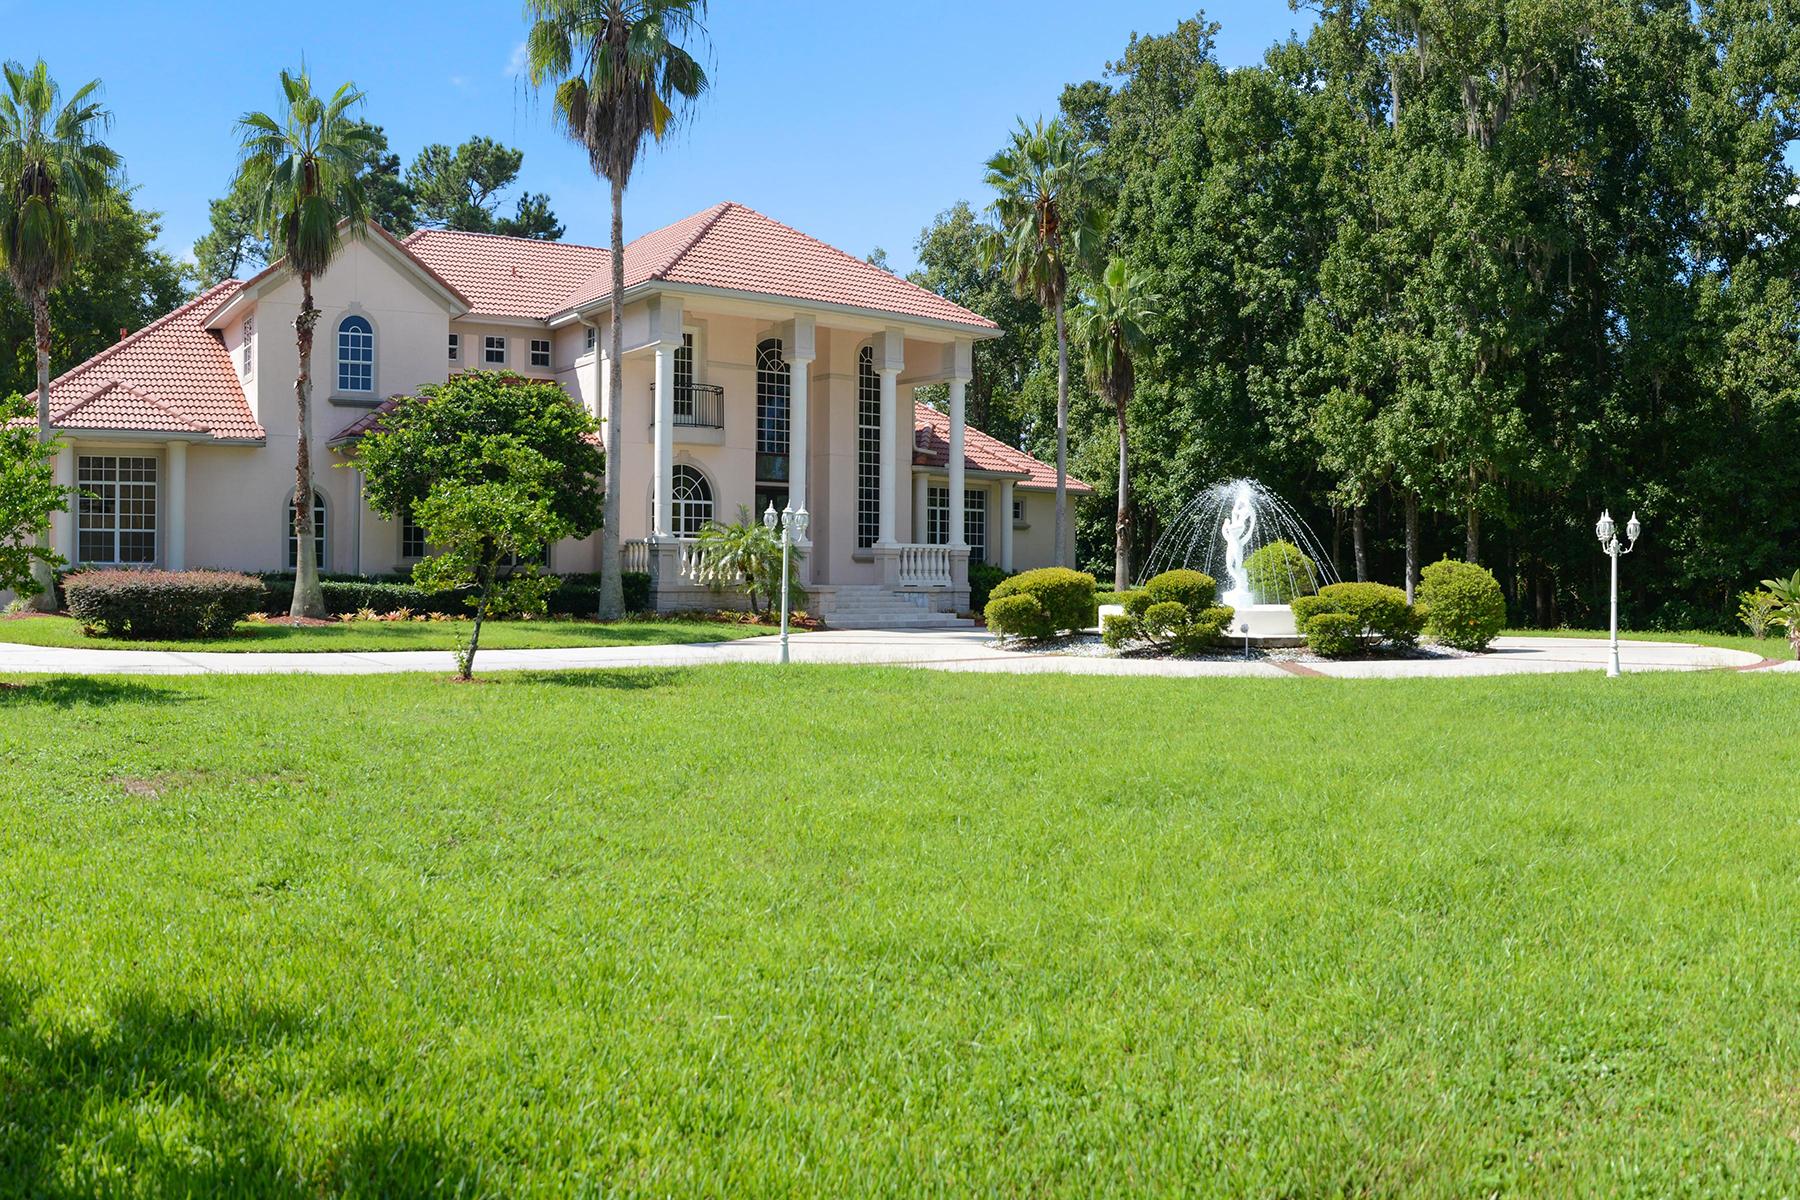 Maison unifamiliale pour l Vente à OVIEDO 355 W Chapman Rd Oviedo, Florida, 32765 États-Unis